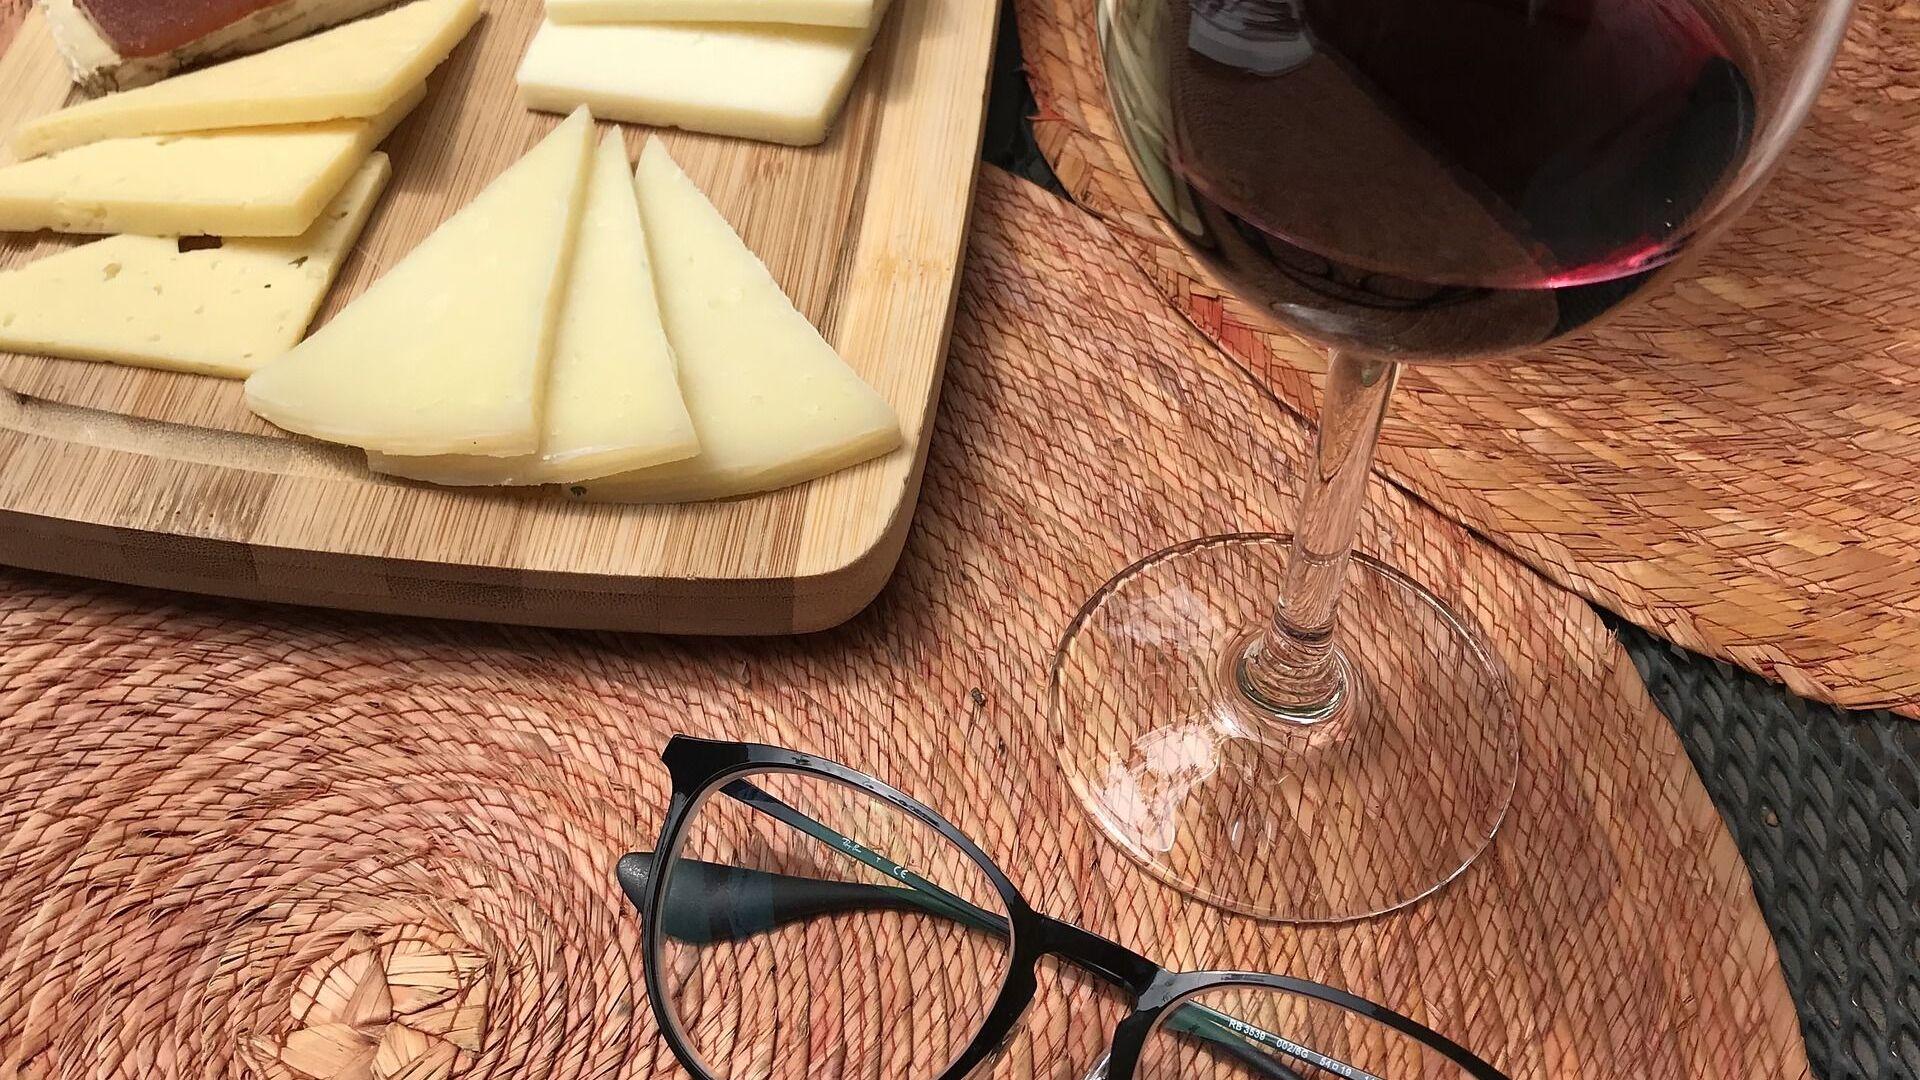 Formaggio e vino - Sputnik Italia, 1920, 27.05.2021